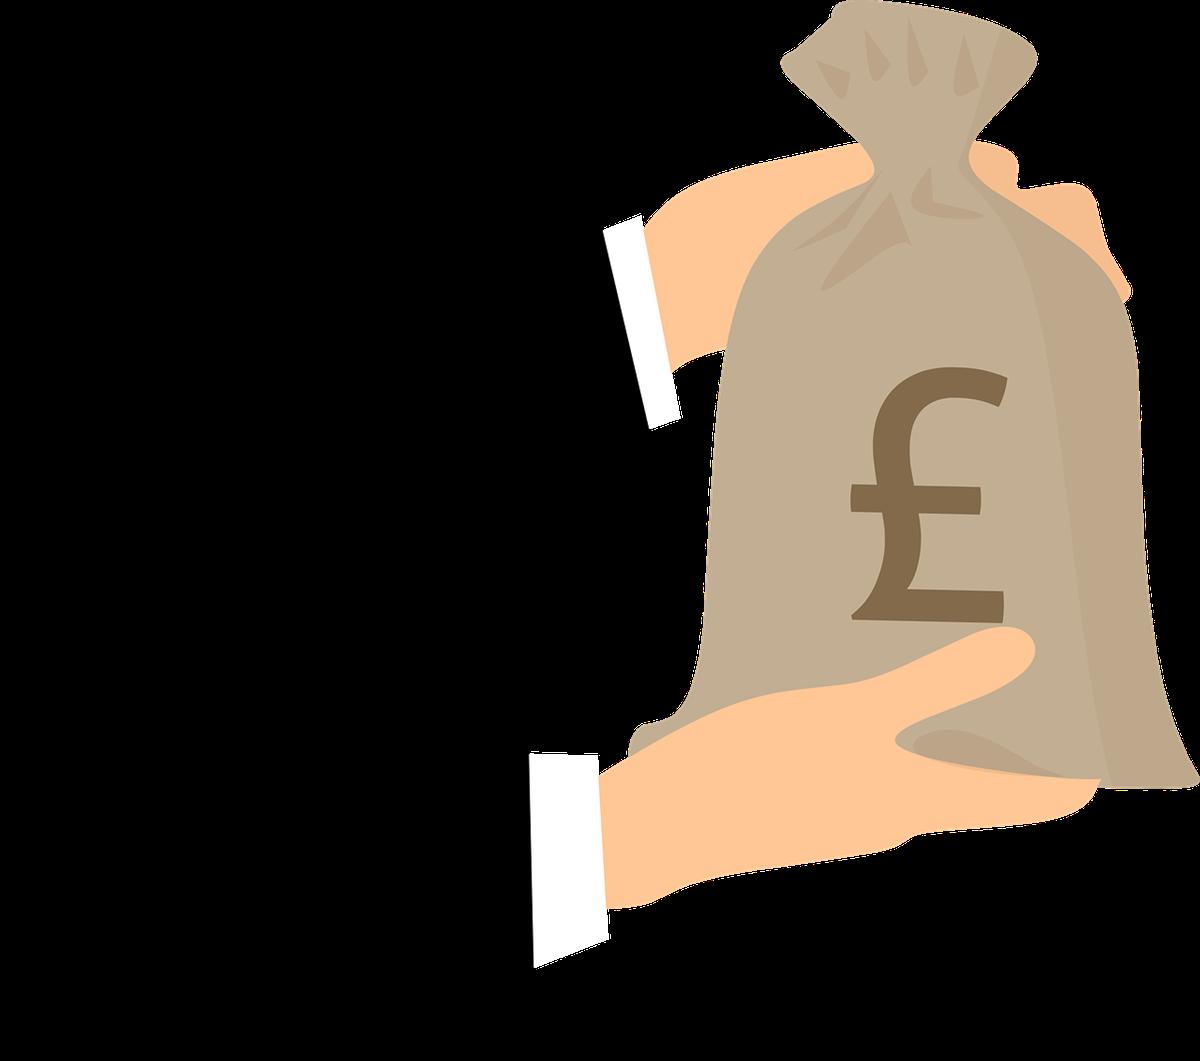 Money bag new icon-4